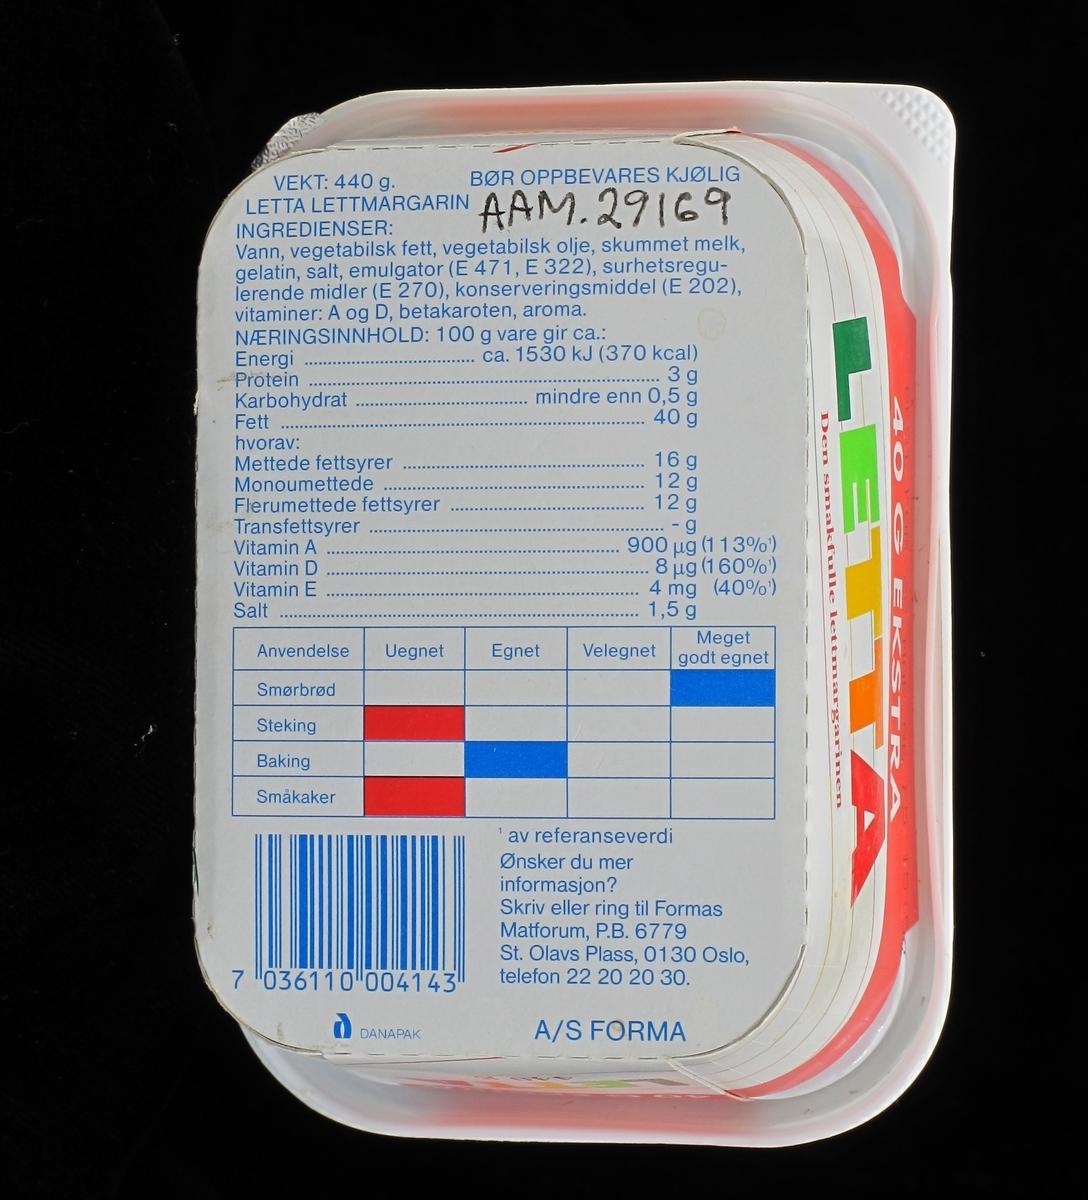 Beger av kartong, med lokk av plast. Lokk og boks er påtrykt farget  dekor, varemerke og vareopplysninger, samt strekkode. Underlokk av papir, var lufttett dekke for matvaren. Pakning på  440g.  Tilstand: God.